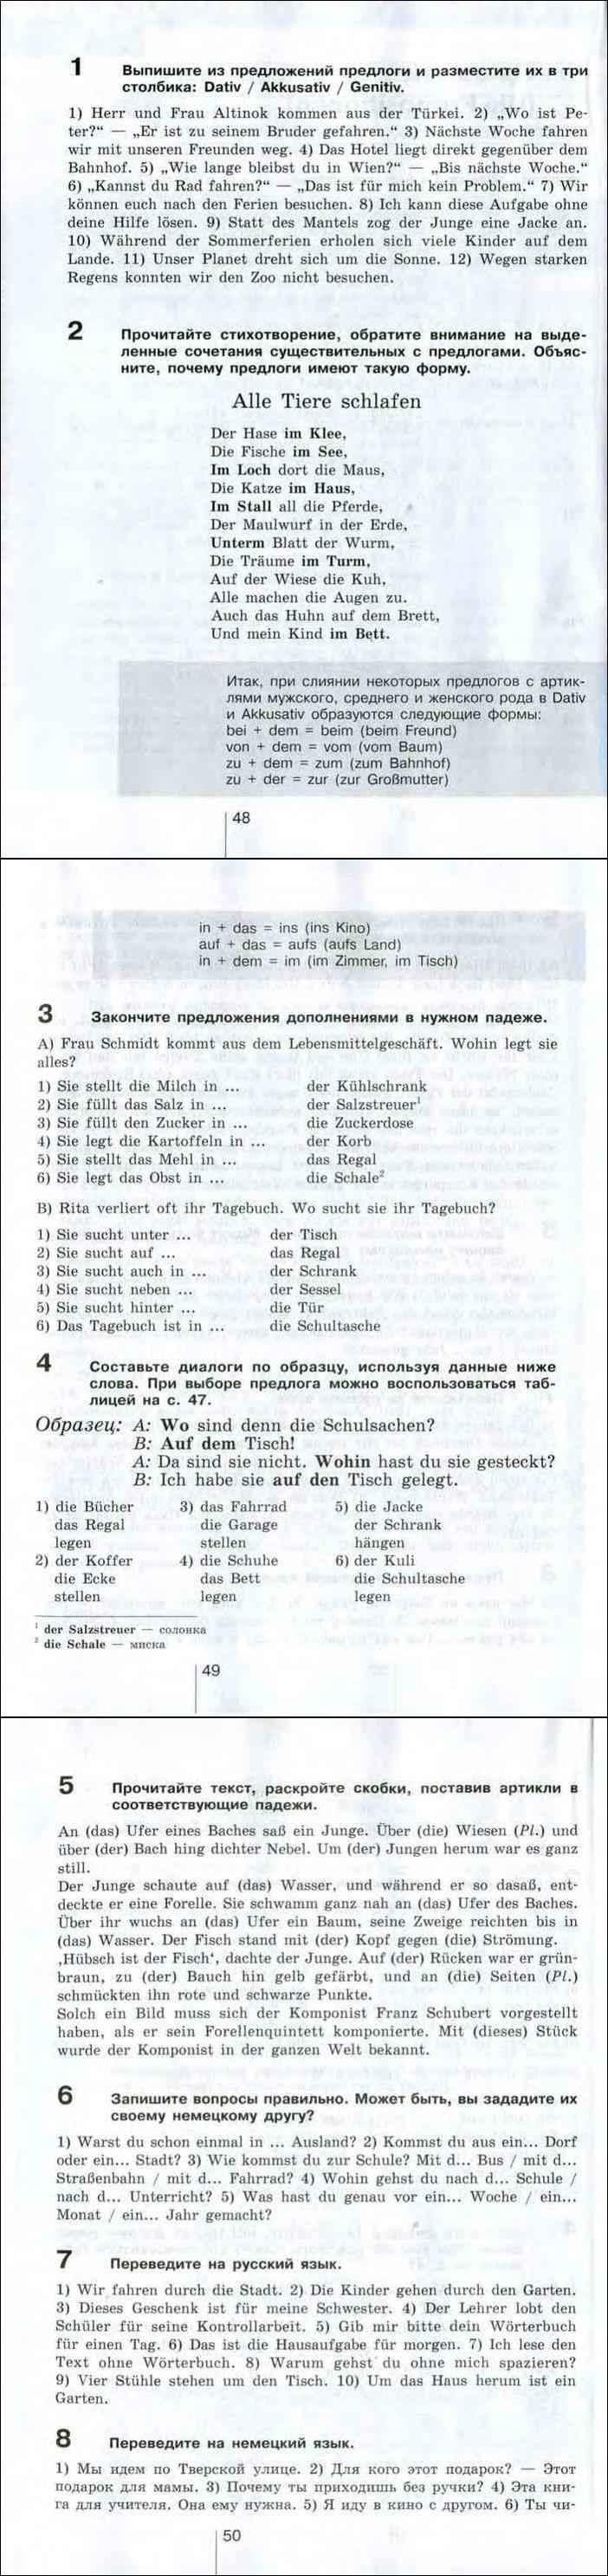 Schule Zug Ebenholz Thot Erwischt: Lang